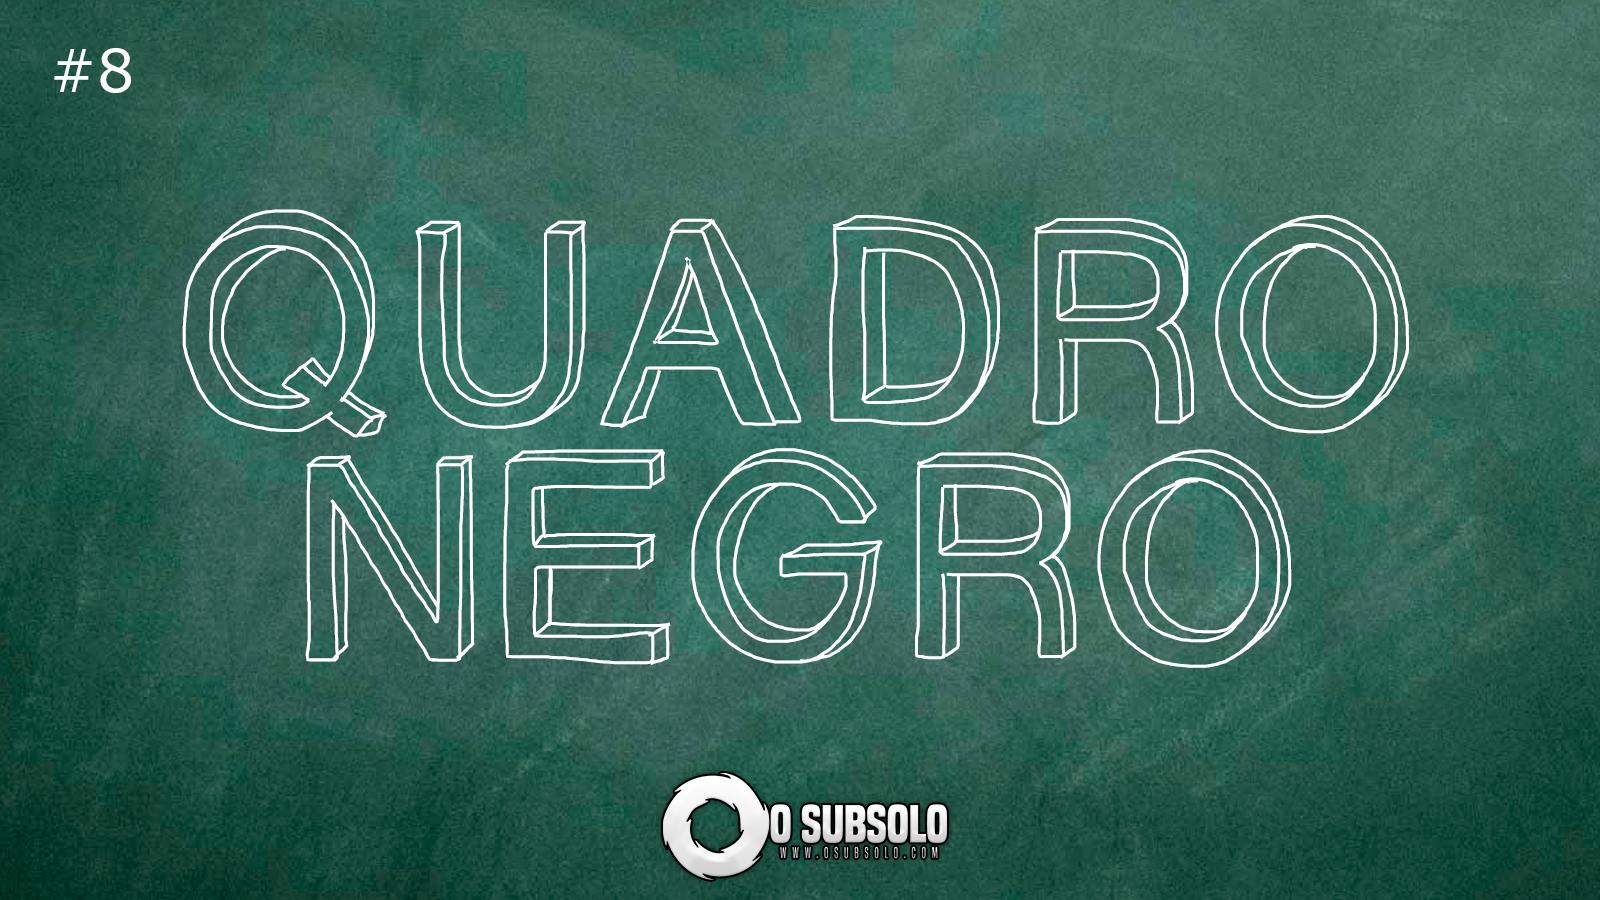 O Subsolo - Quadro Negro #8